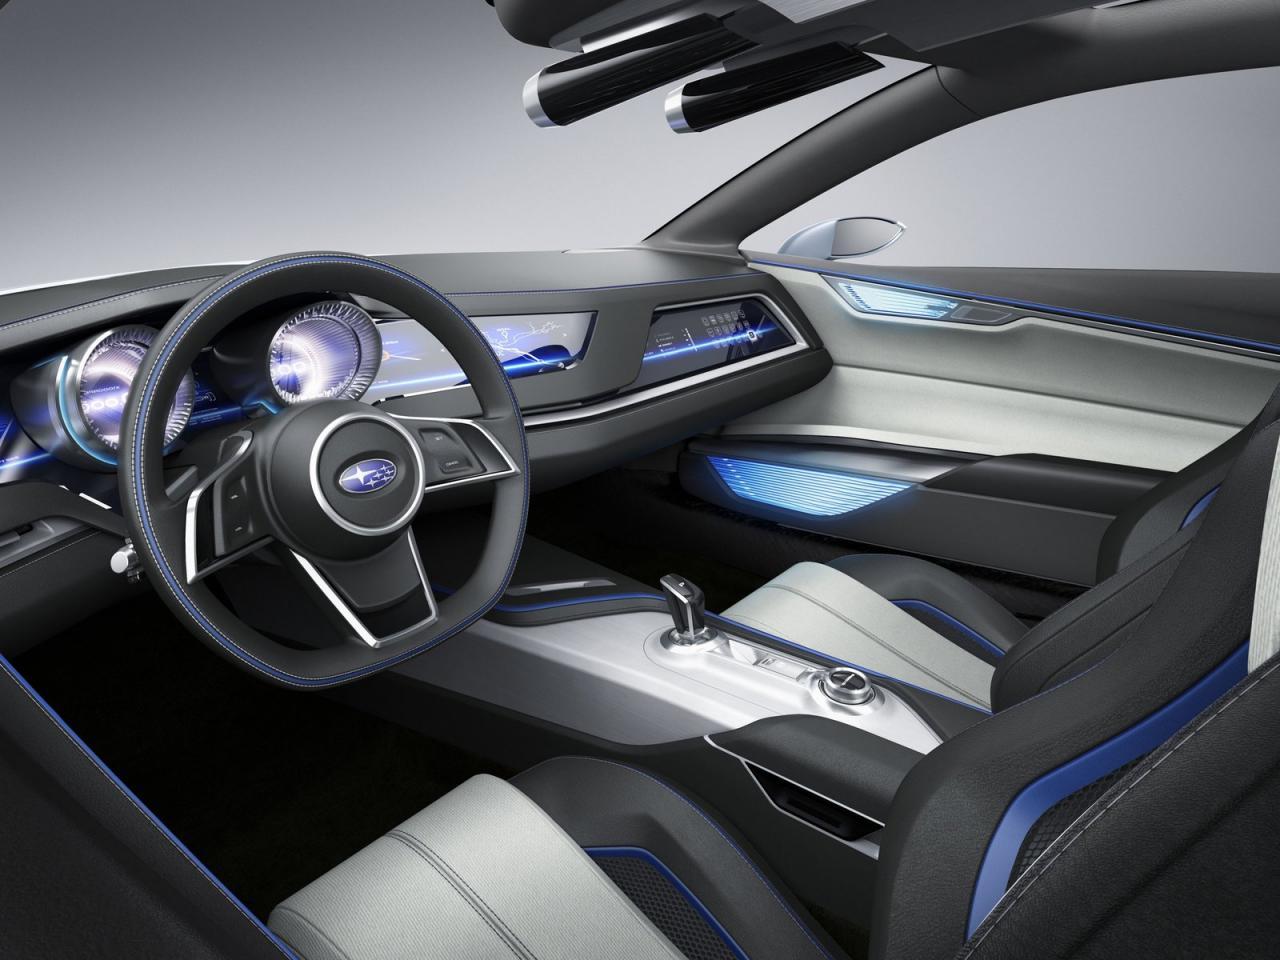 [Resim: Subaru+VIZIV+3.jpg]